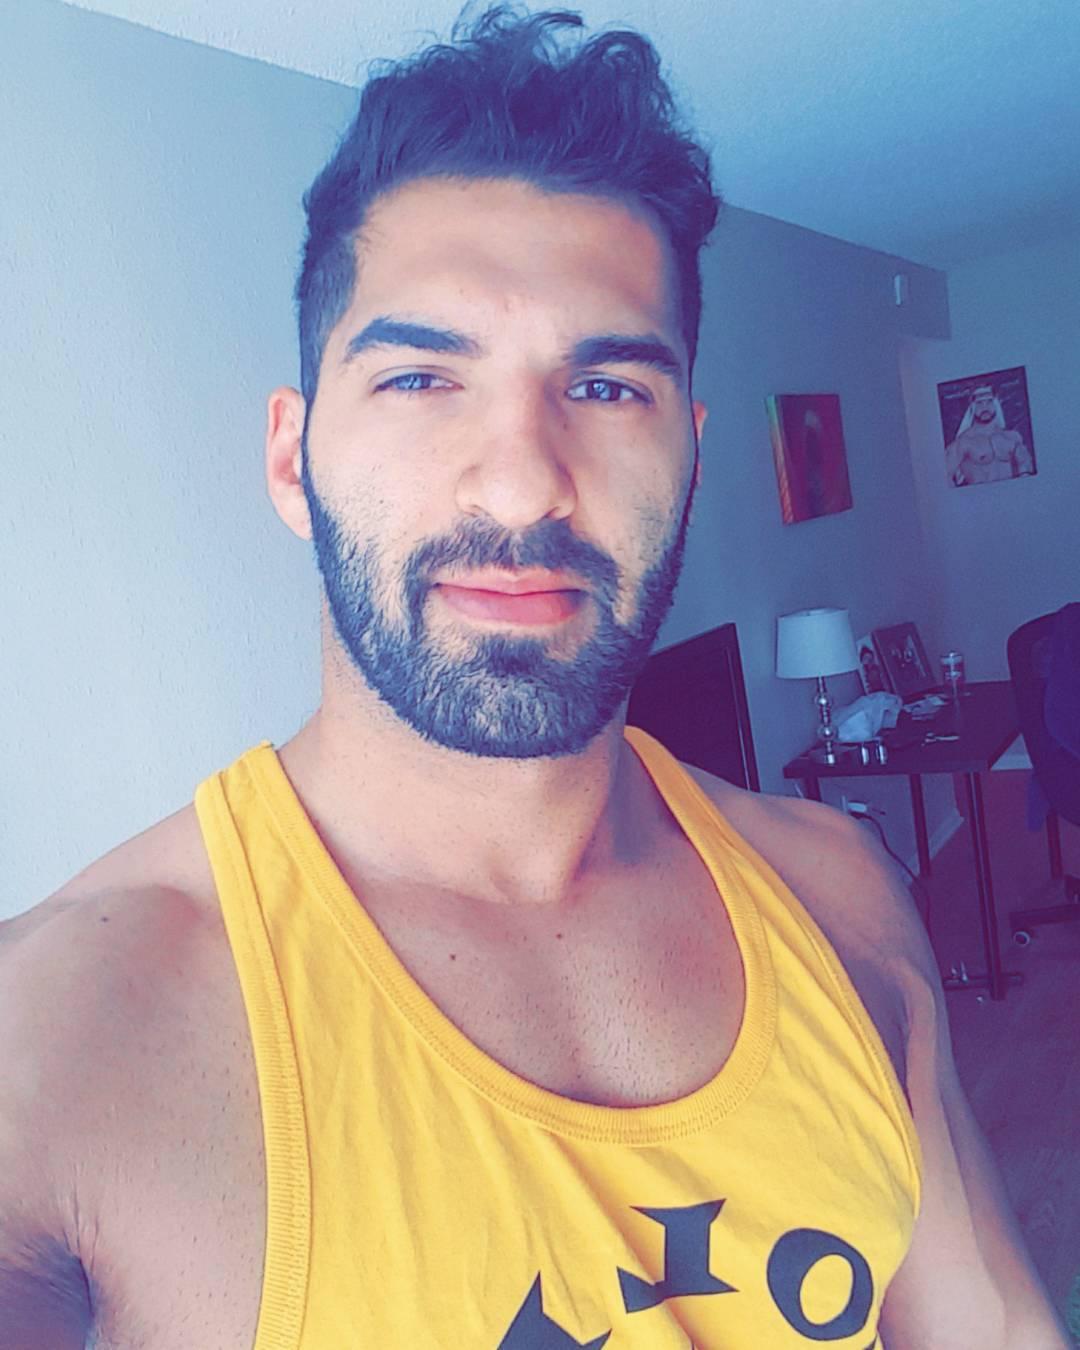 Ariya Daivari Instagram username